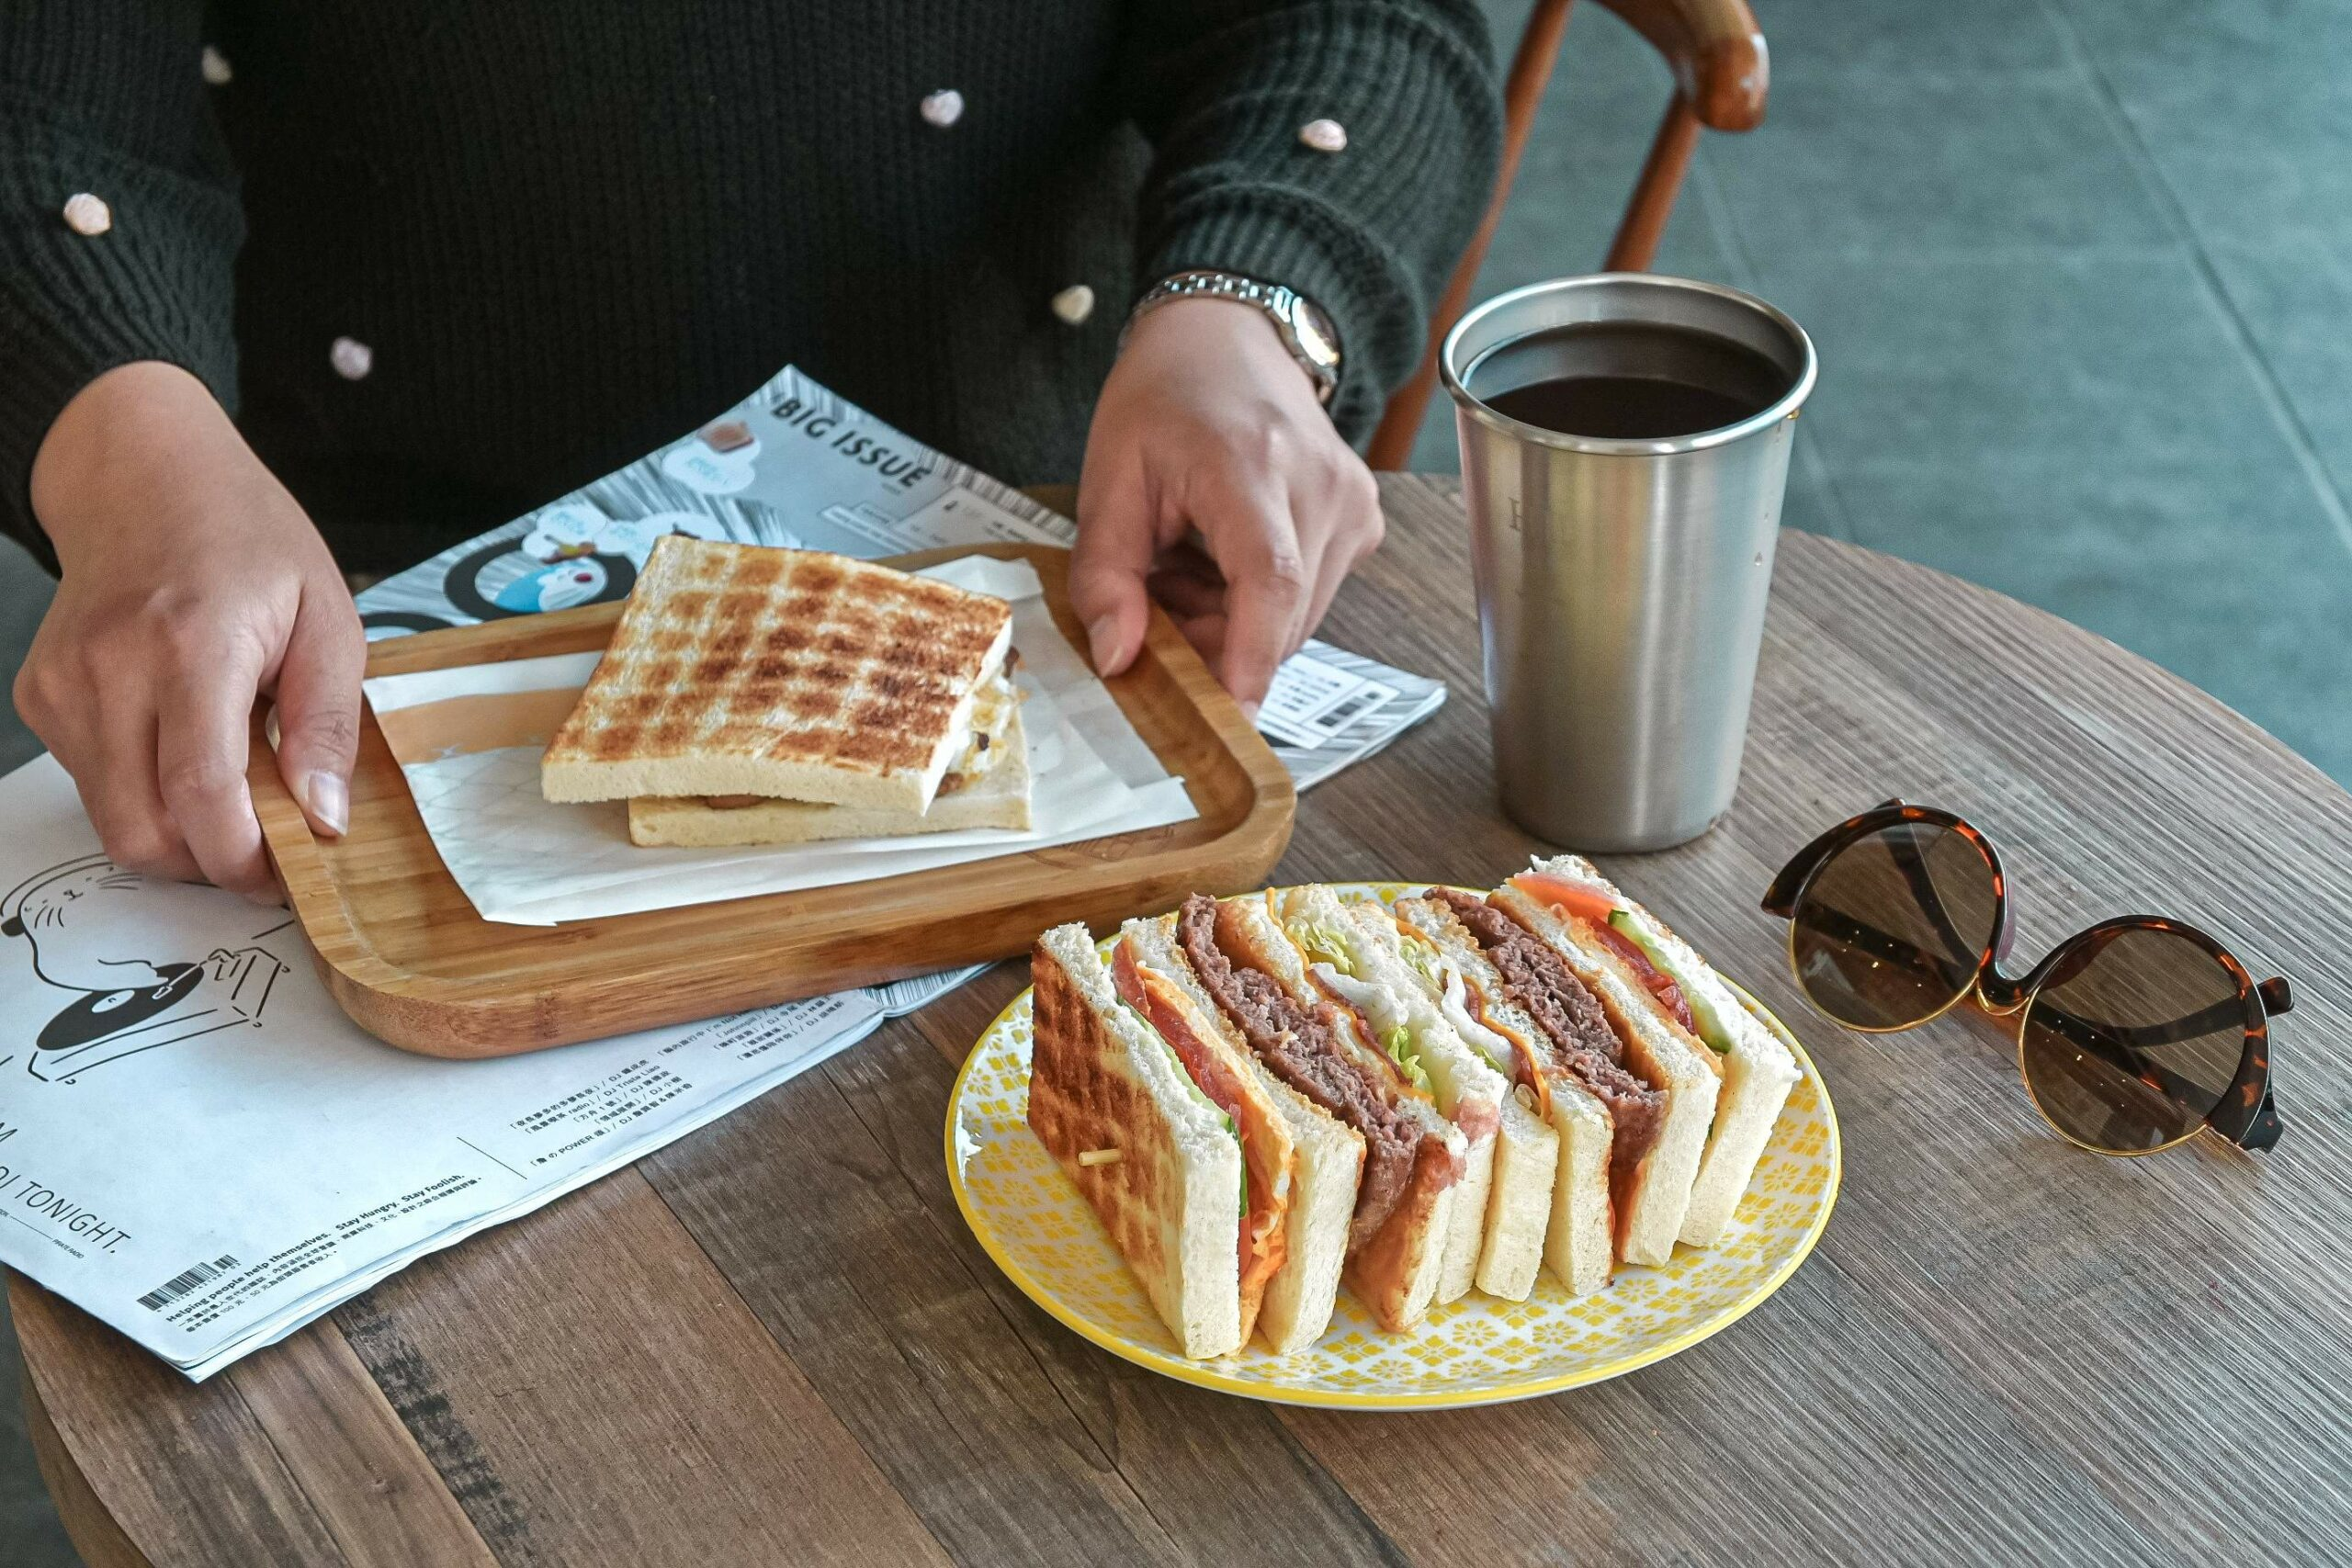 土木公社碳烤土司 復興店:台中人氣最高排隊名店,單手握不住!【台中美食】 @女子的休假計劃